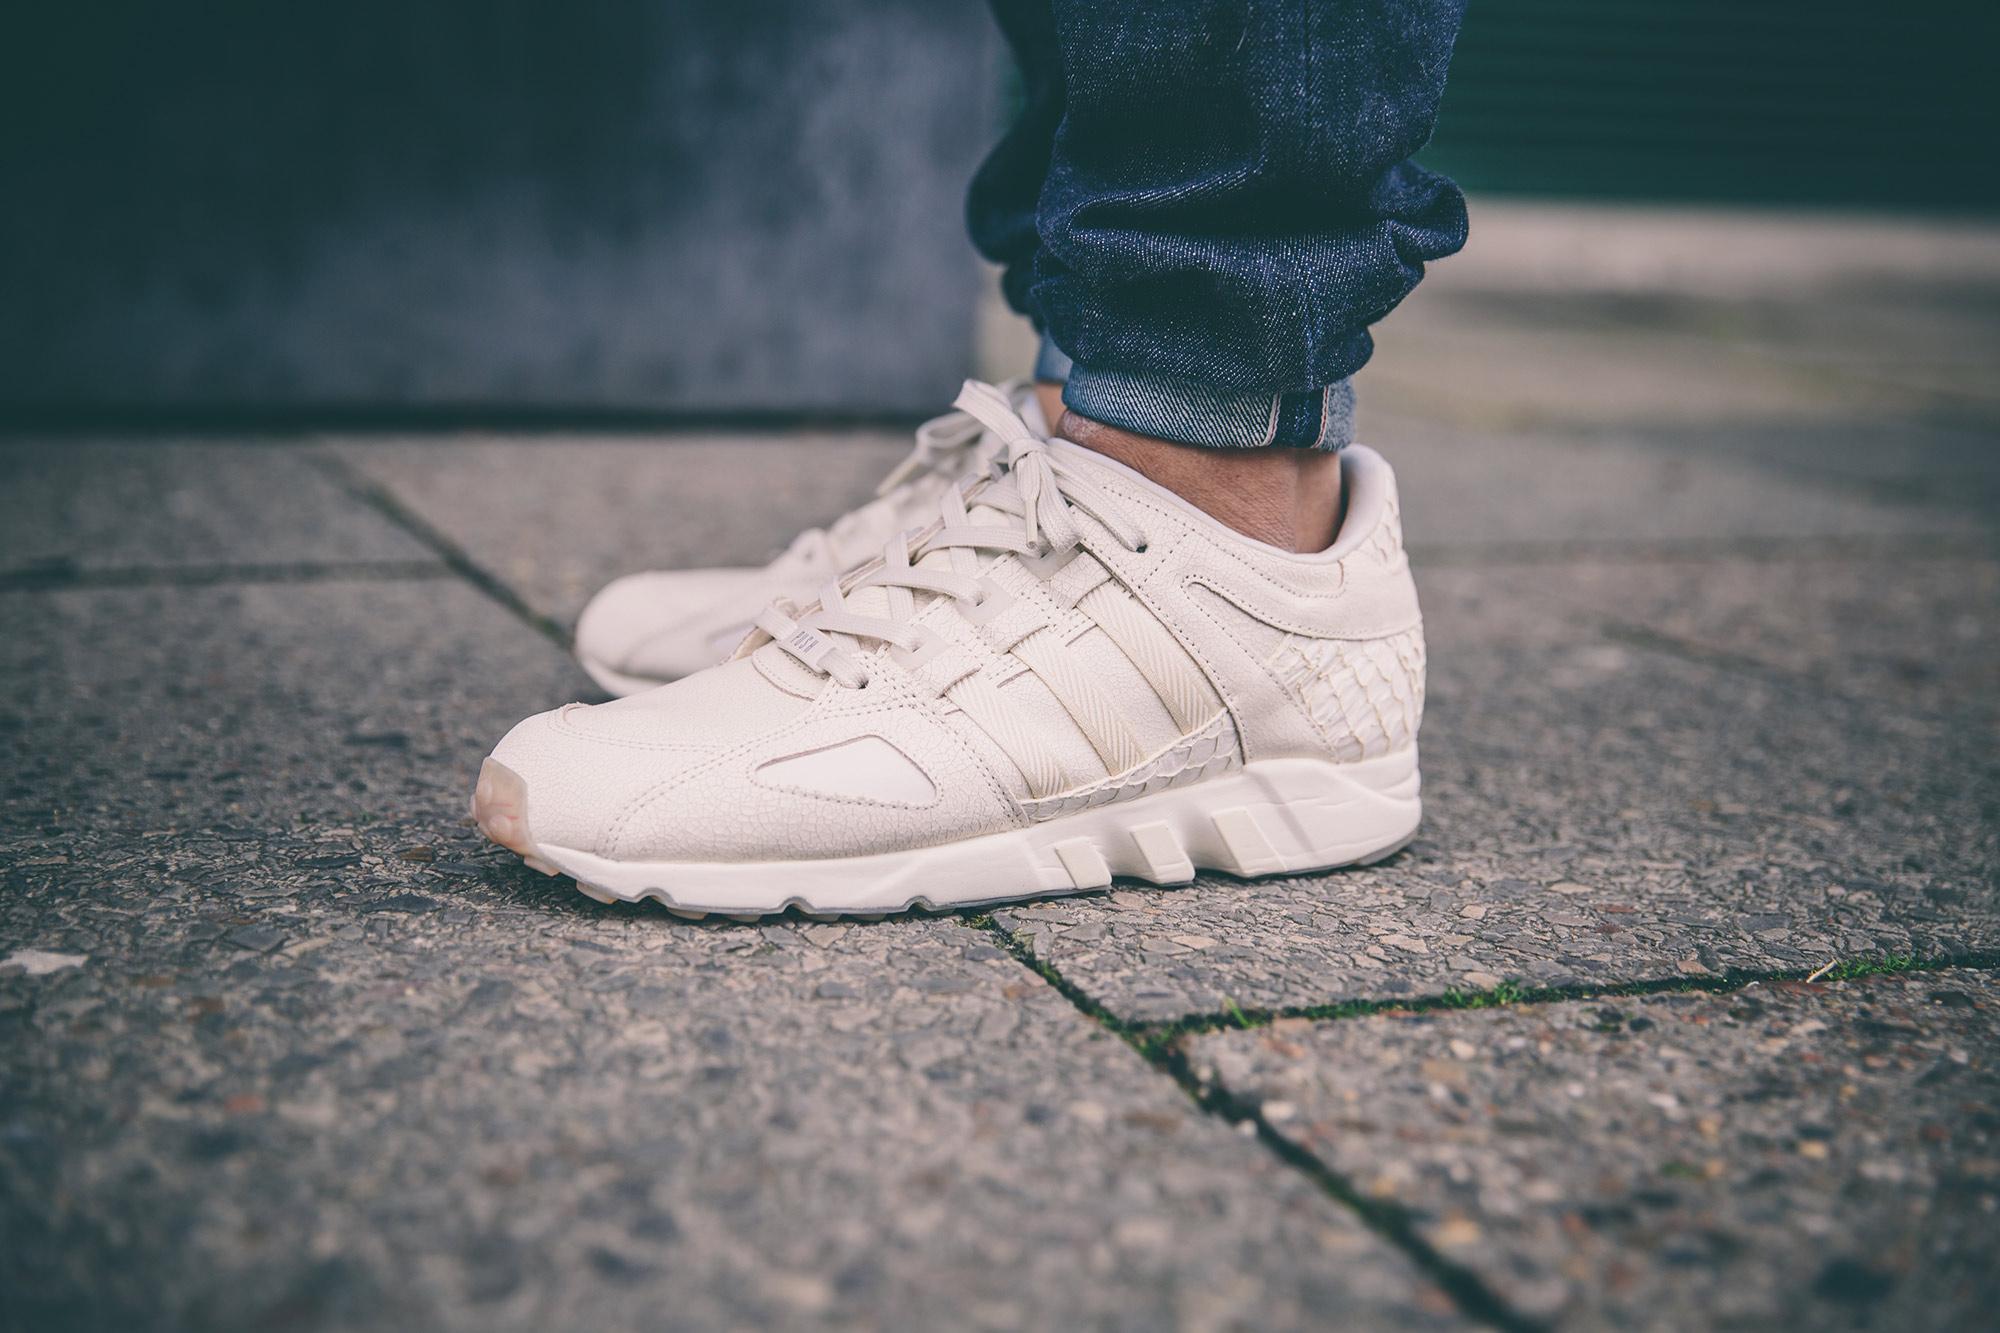 sneakerweekender-on-feet